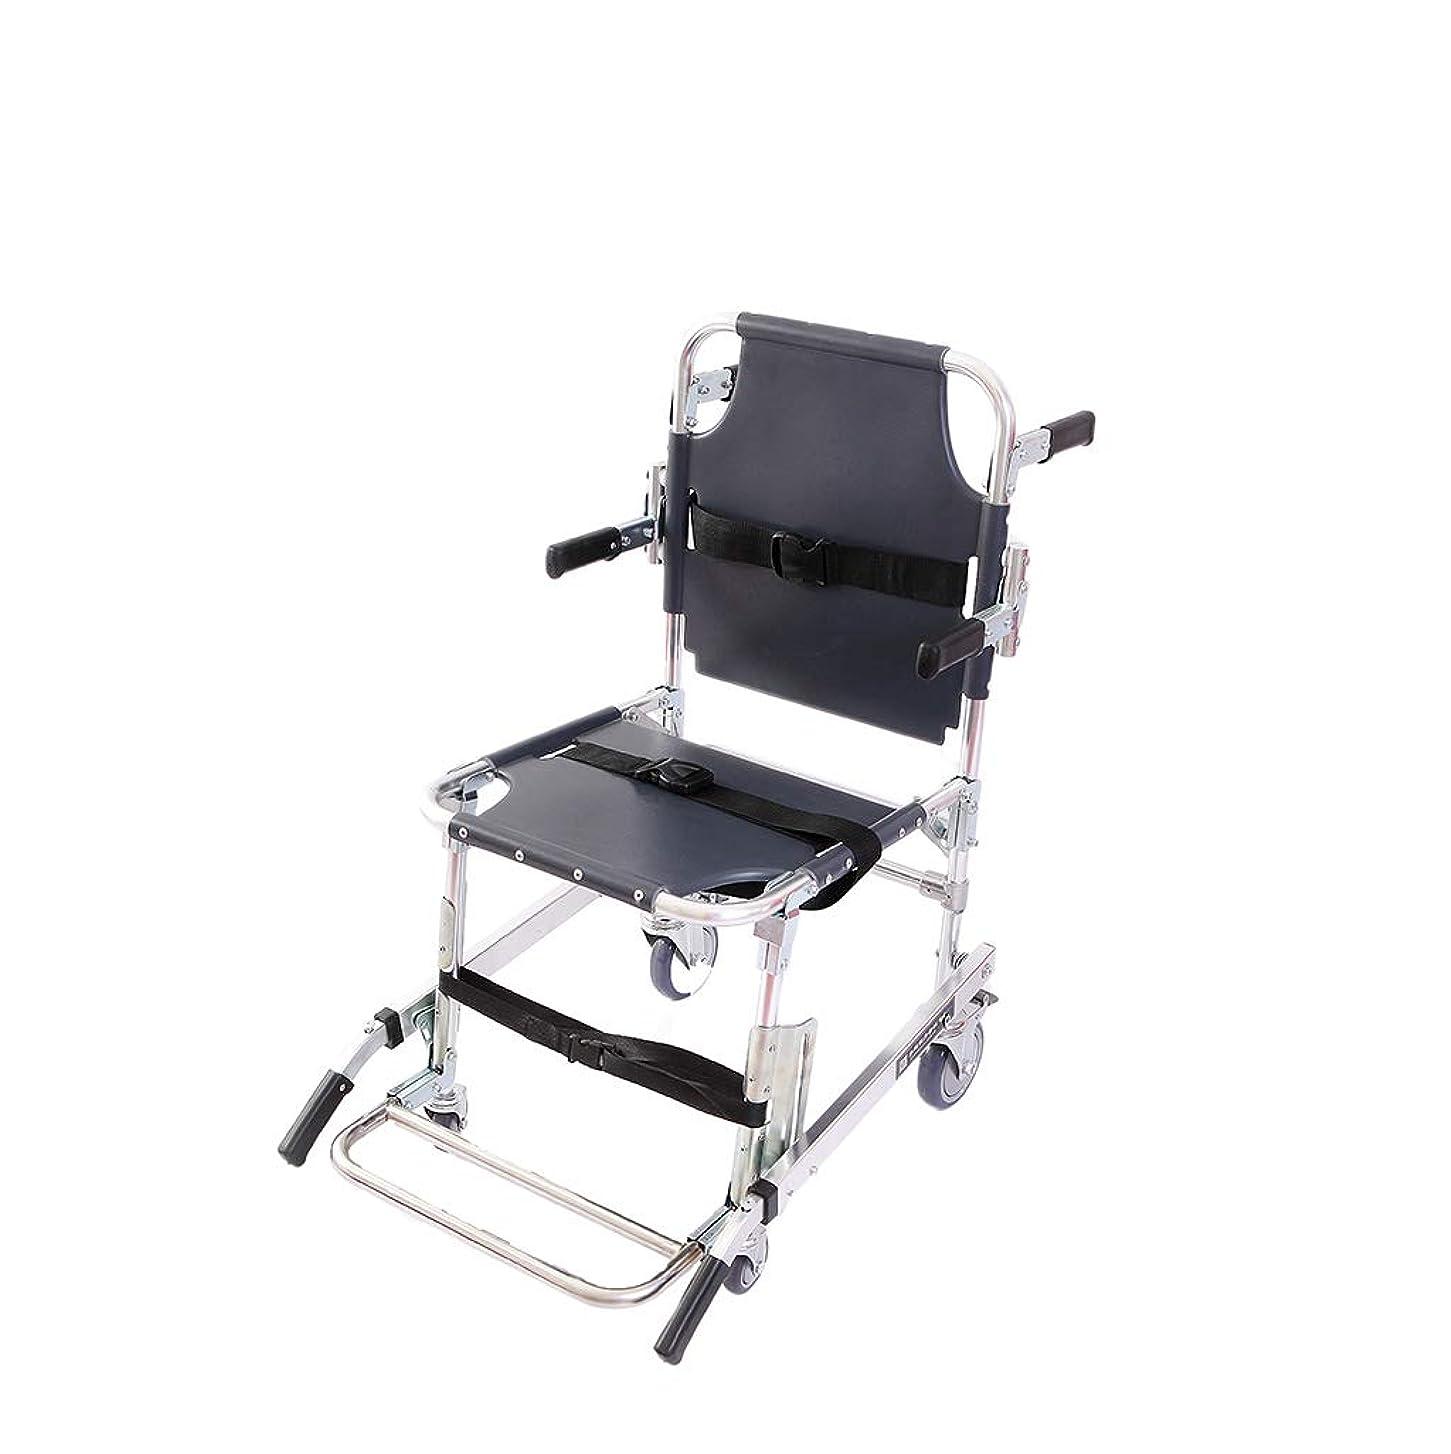 保存三十コメント階段椅子、アルミニウムの軽量2ホイールクイックリリースバックル、350ポンド容量のリフト付き医療輸送椅子